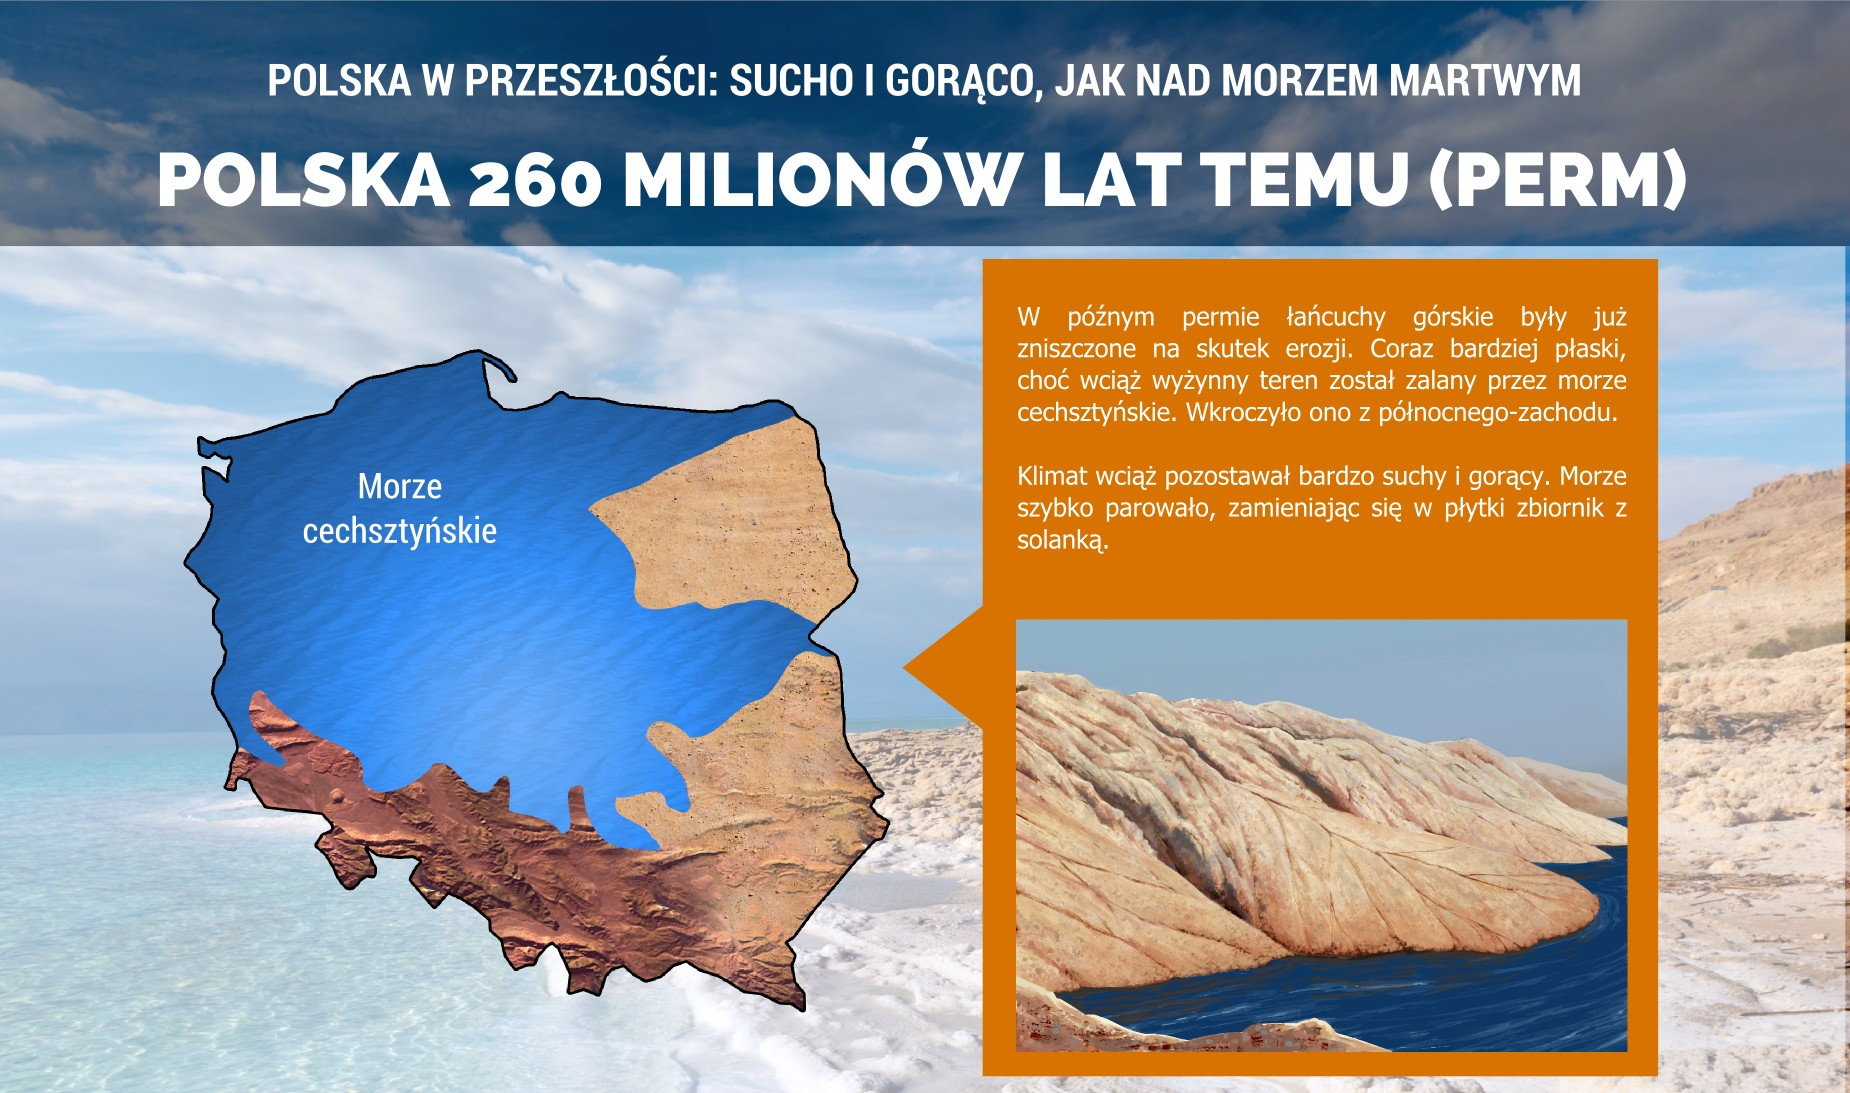 Polska w późnym permie - morze cechsztyńskie i złoża soli kamiennej - plakat.